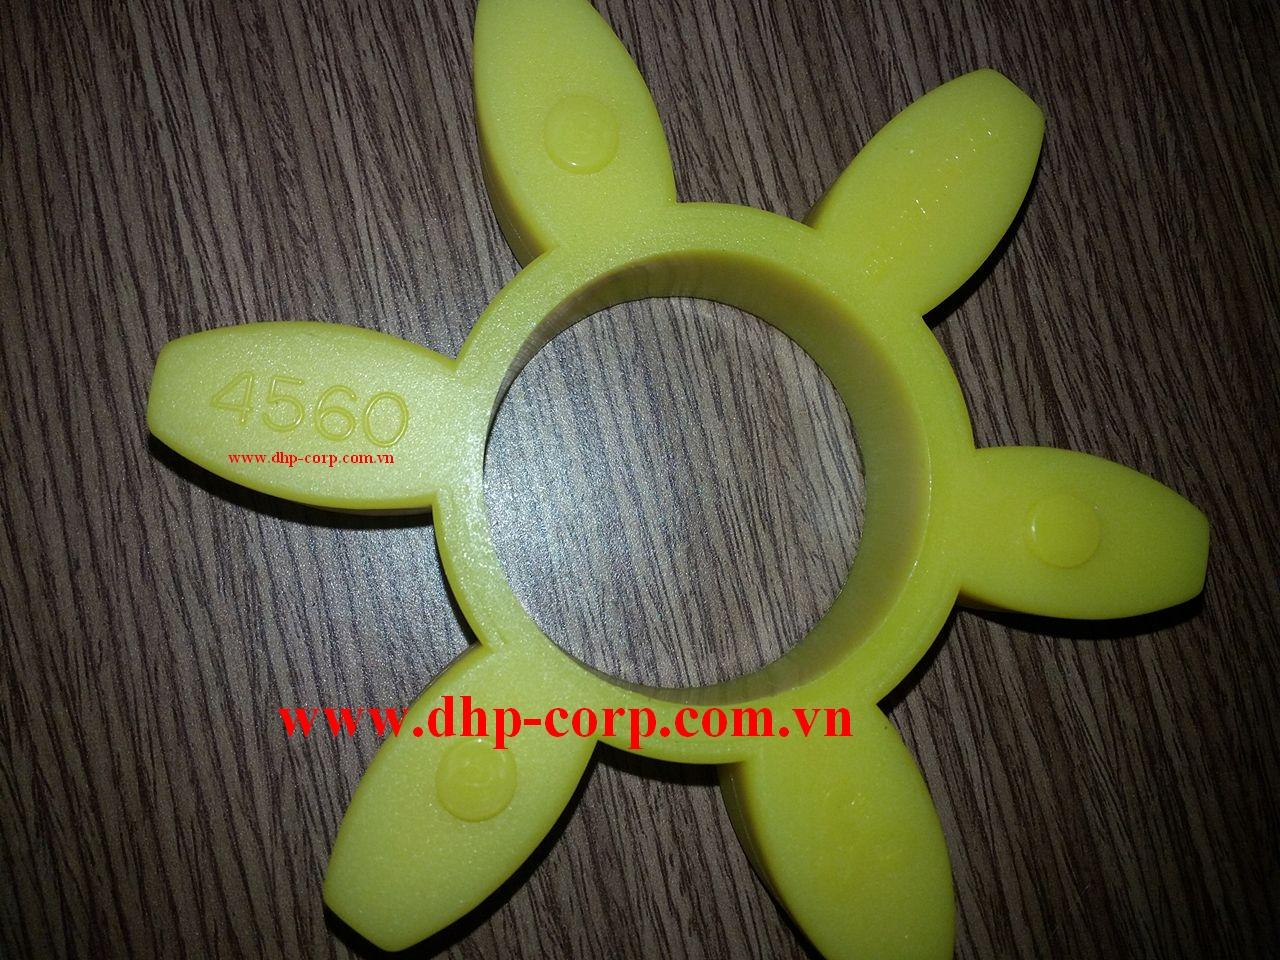 Giảm chấn CR 4560 / Khớp nối CR 4560